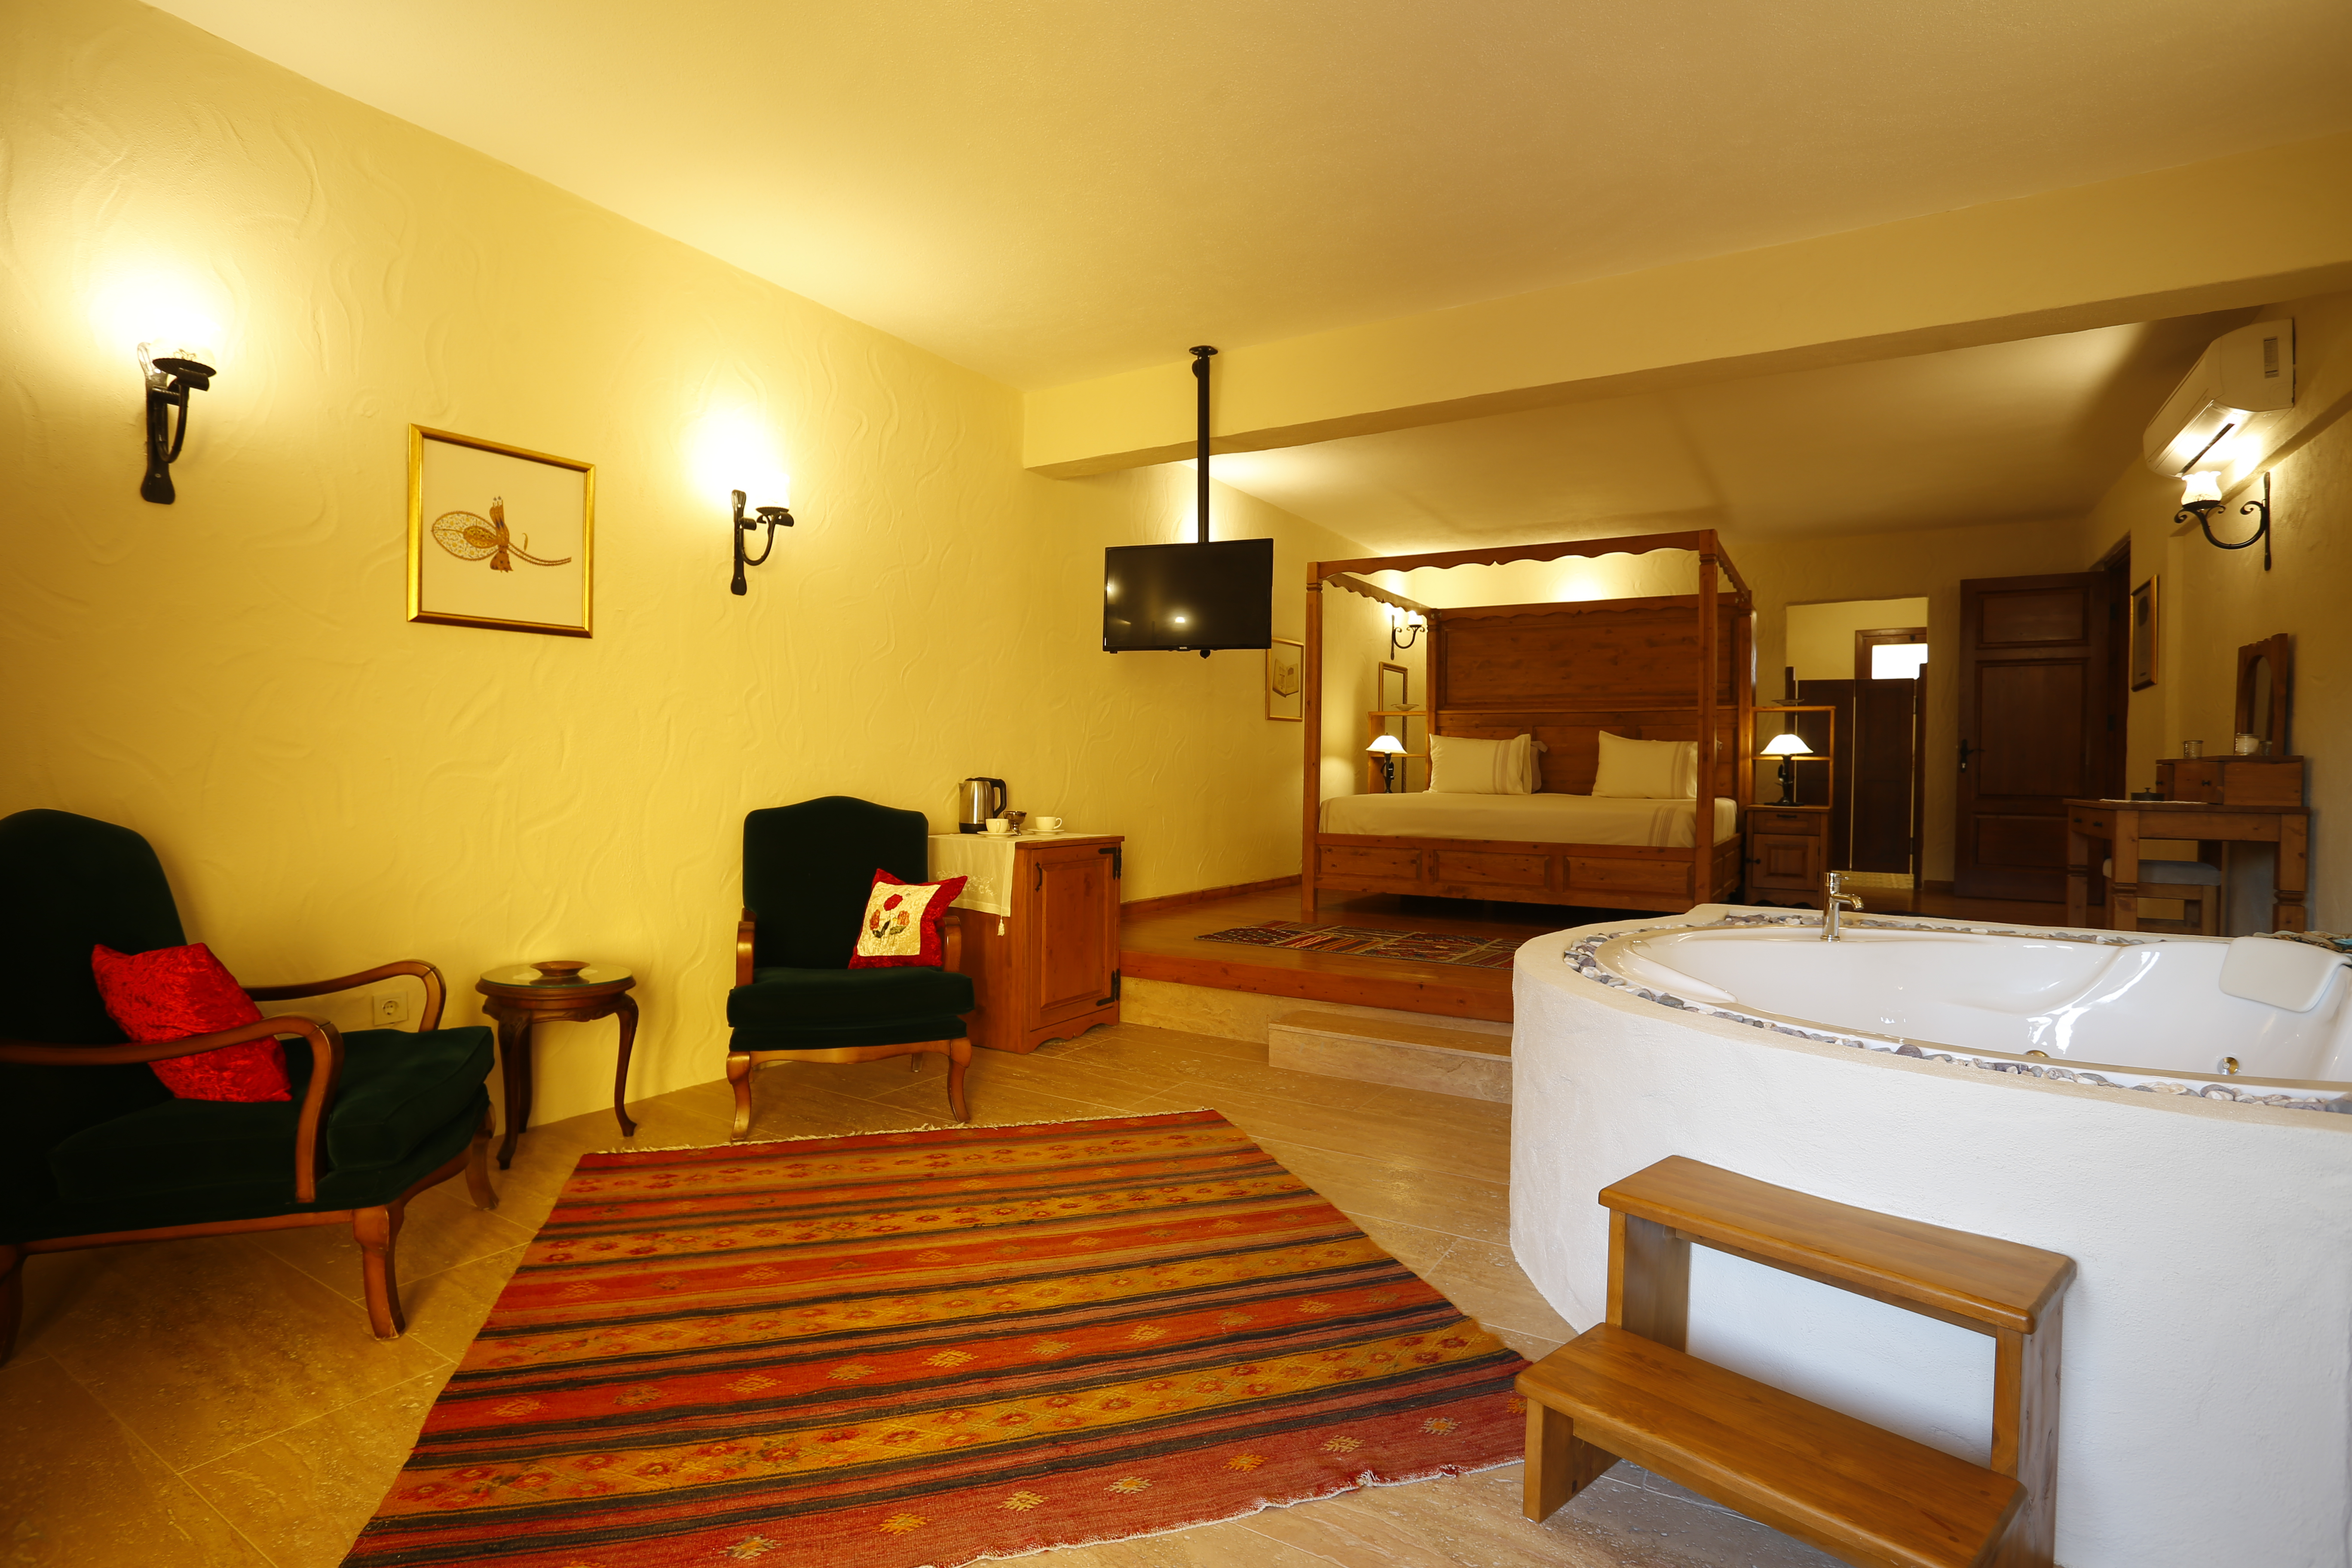 Ferienwohnung Luxurise Unterkunft und persnliches Ambiente in unzerstrter Natur (2742319), Fethiye, , Ägäisregion, Türkei, Bild 9